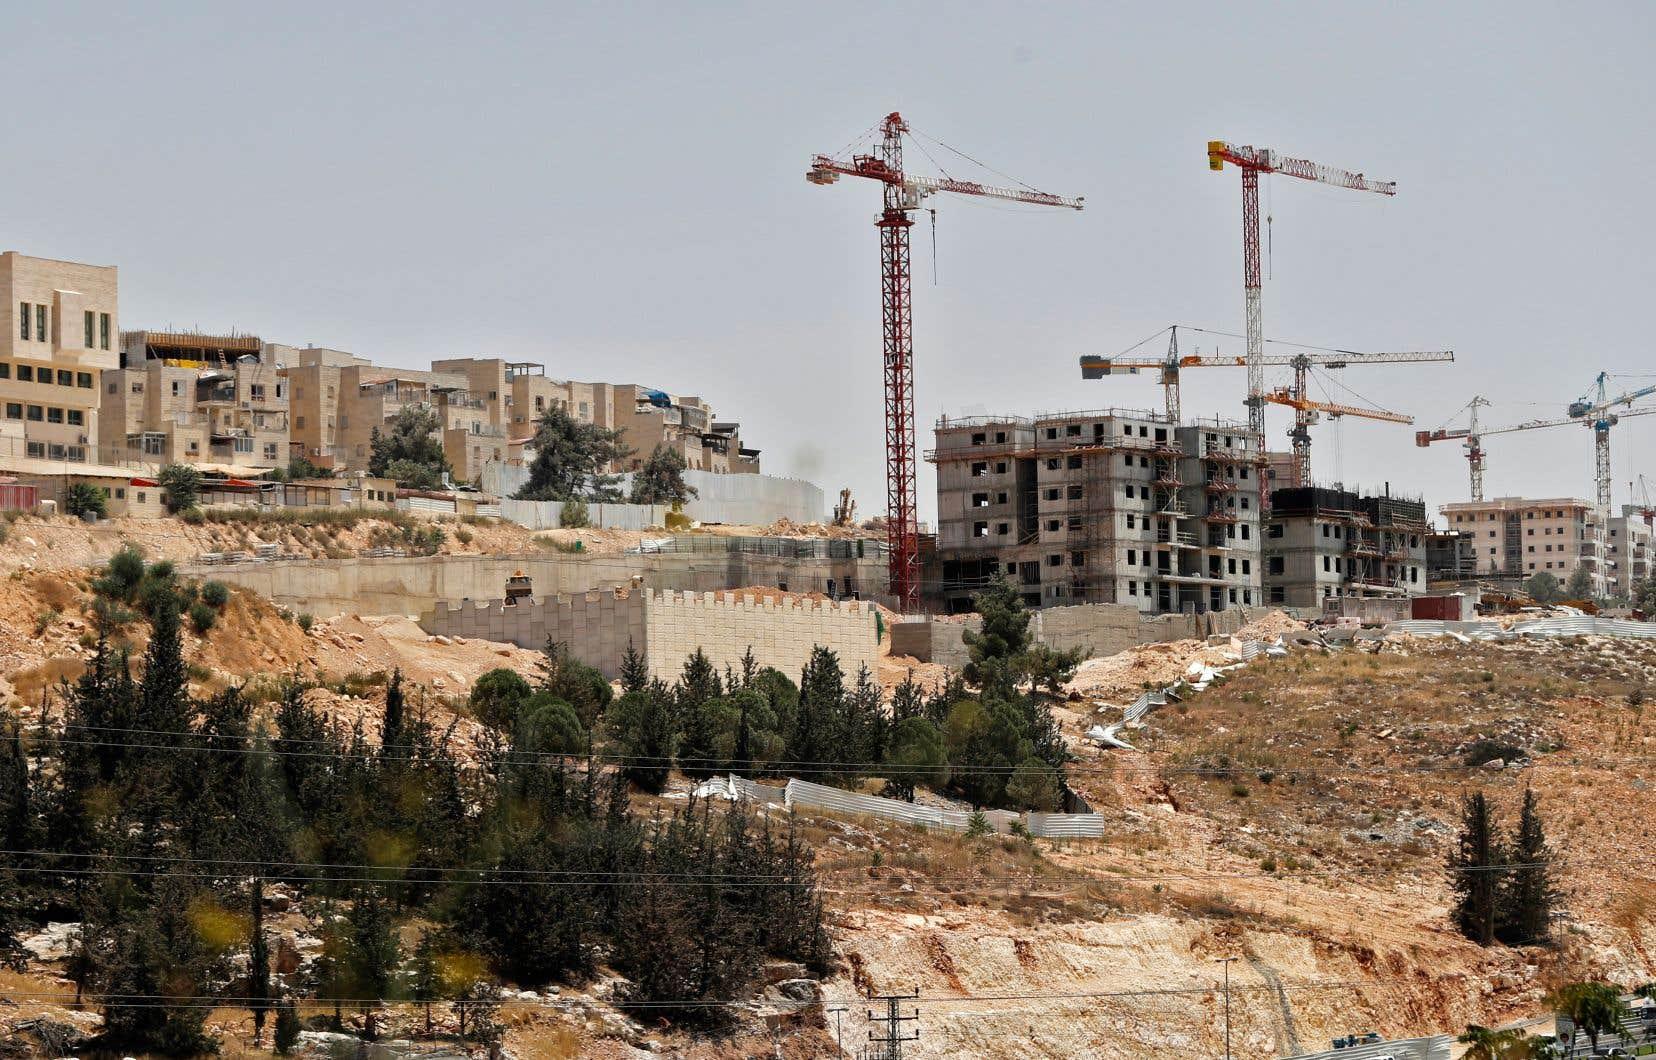 Chantier dans la colonie juive de Ramat Shlomo. La colonisation des territoires annexés n'a pratiquement jamais cessé, malgré les accords d'Oslo.